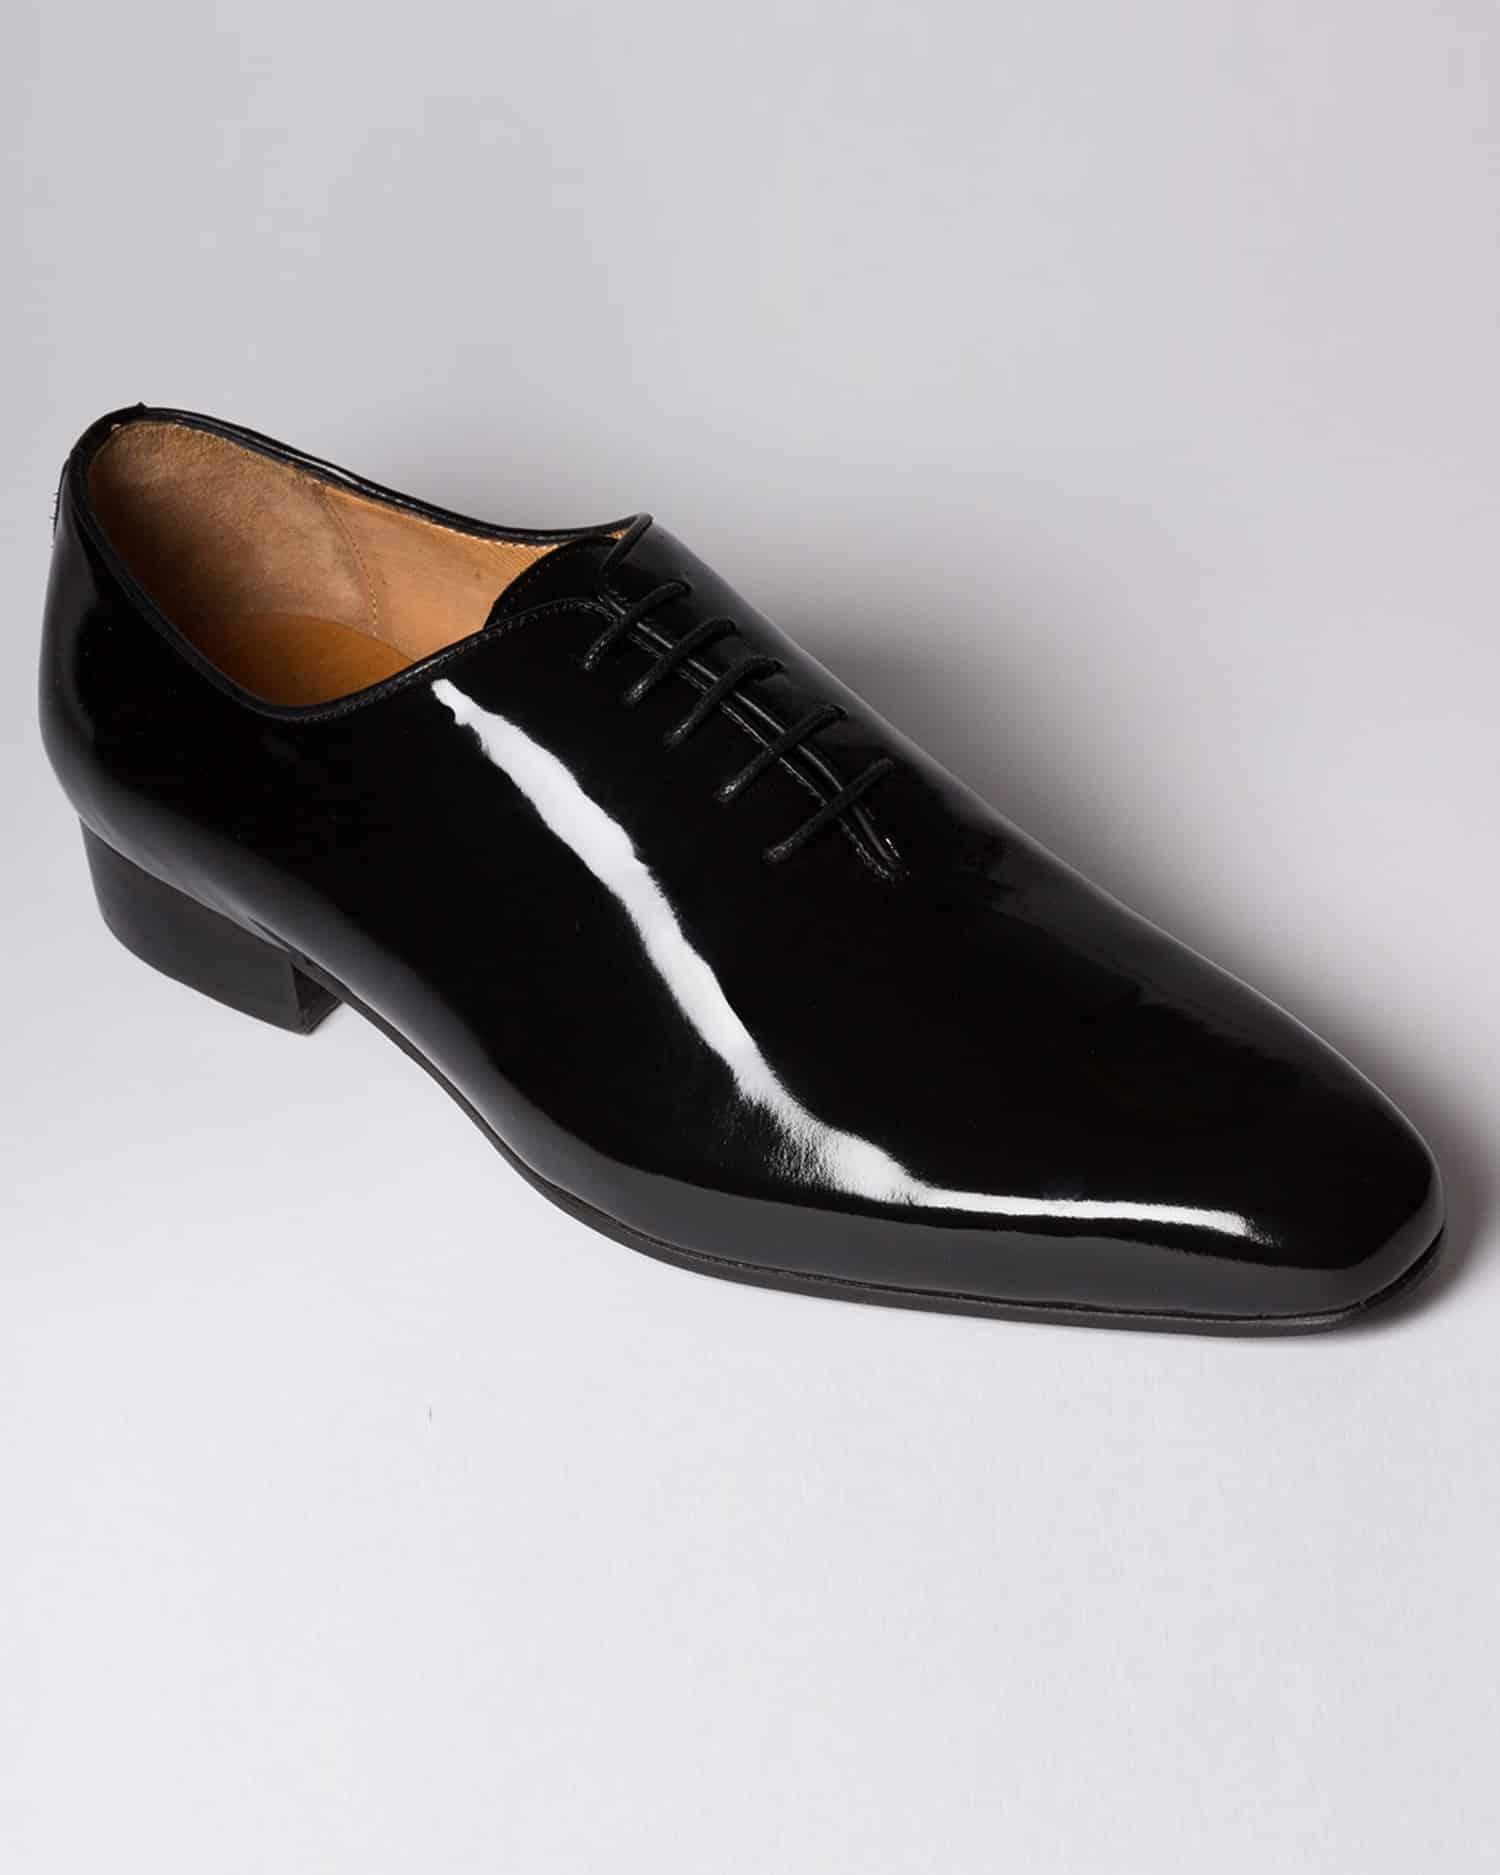 Chaussures addiction : Ce que je vous conseille vivement pour l'achat de vos modèles de chaussures